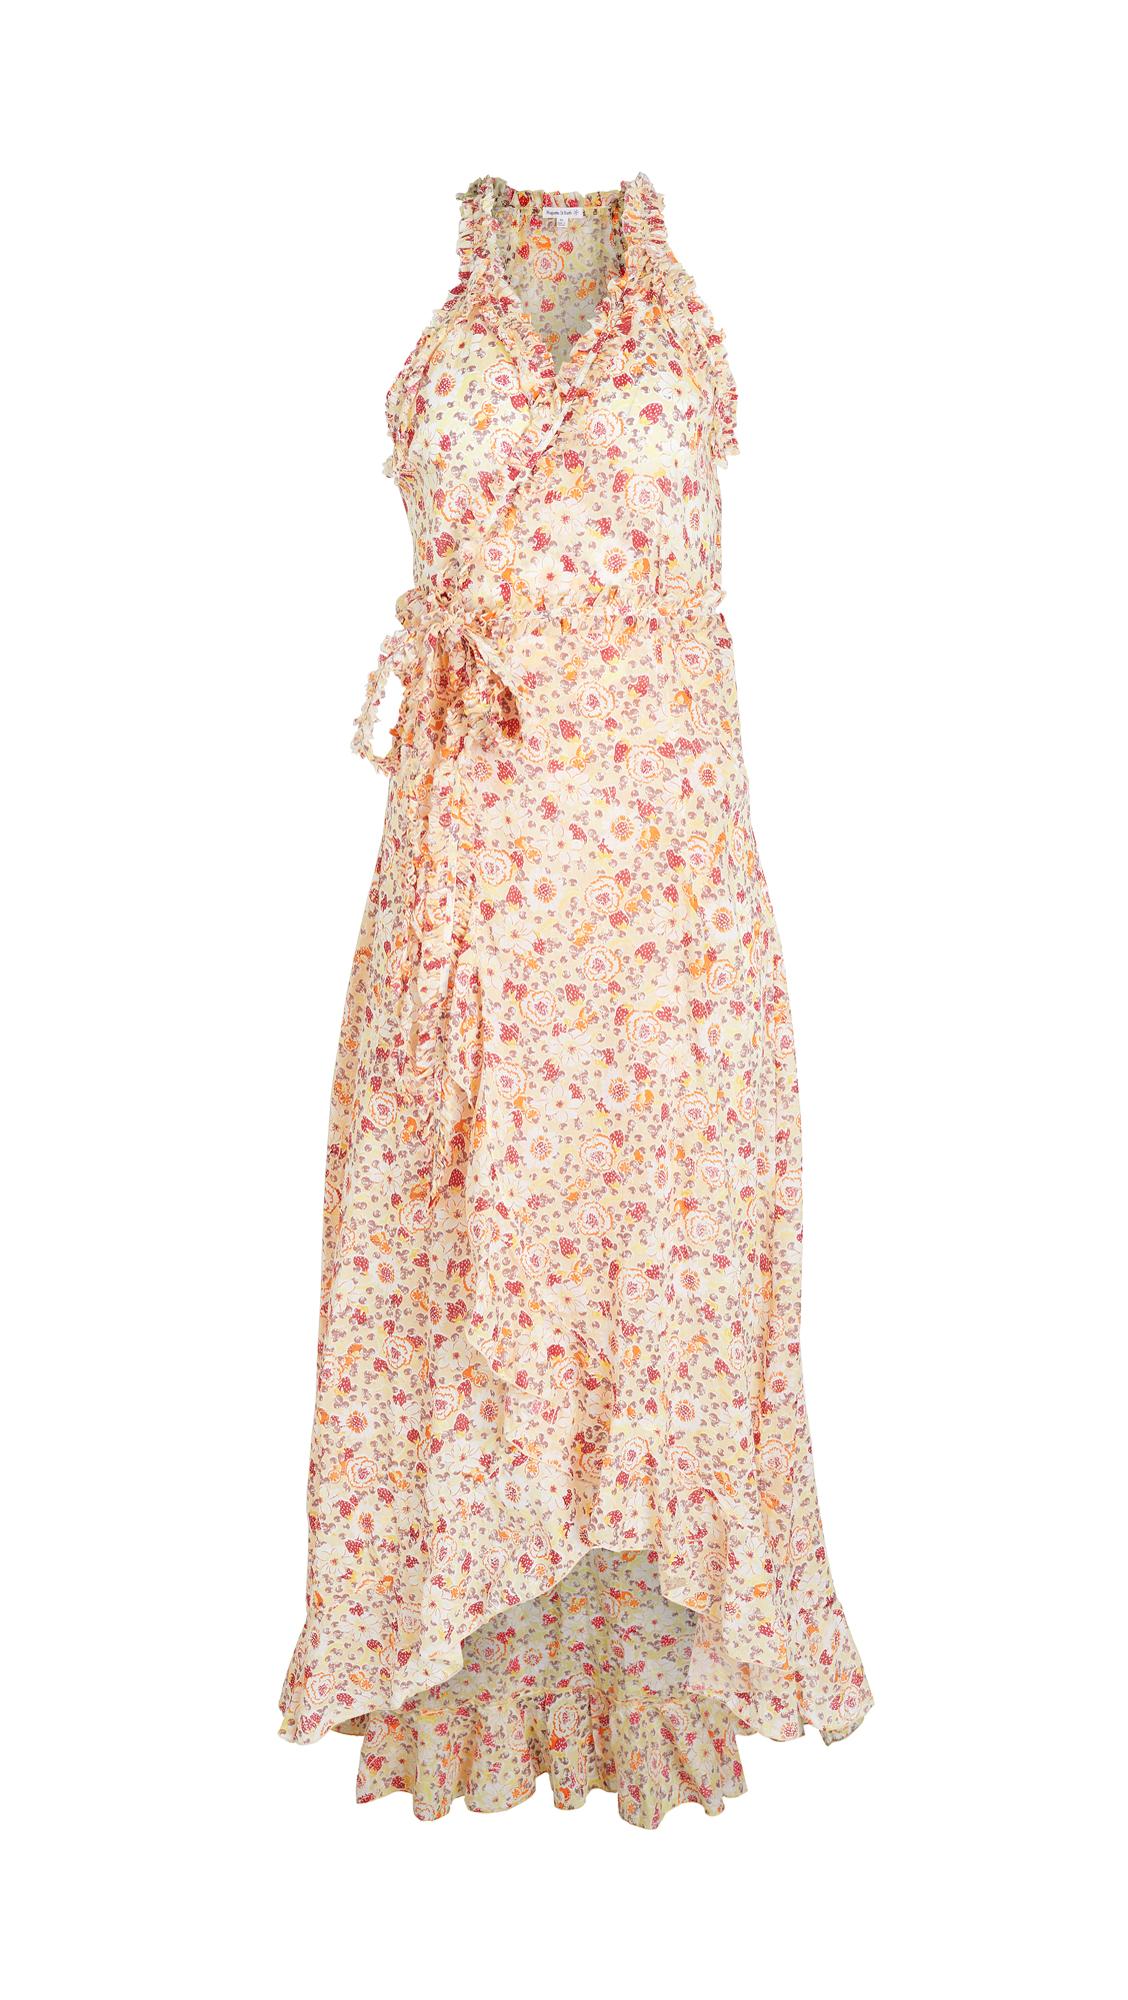 Poupette St Barth Tamara Sleeveless Dress